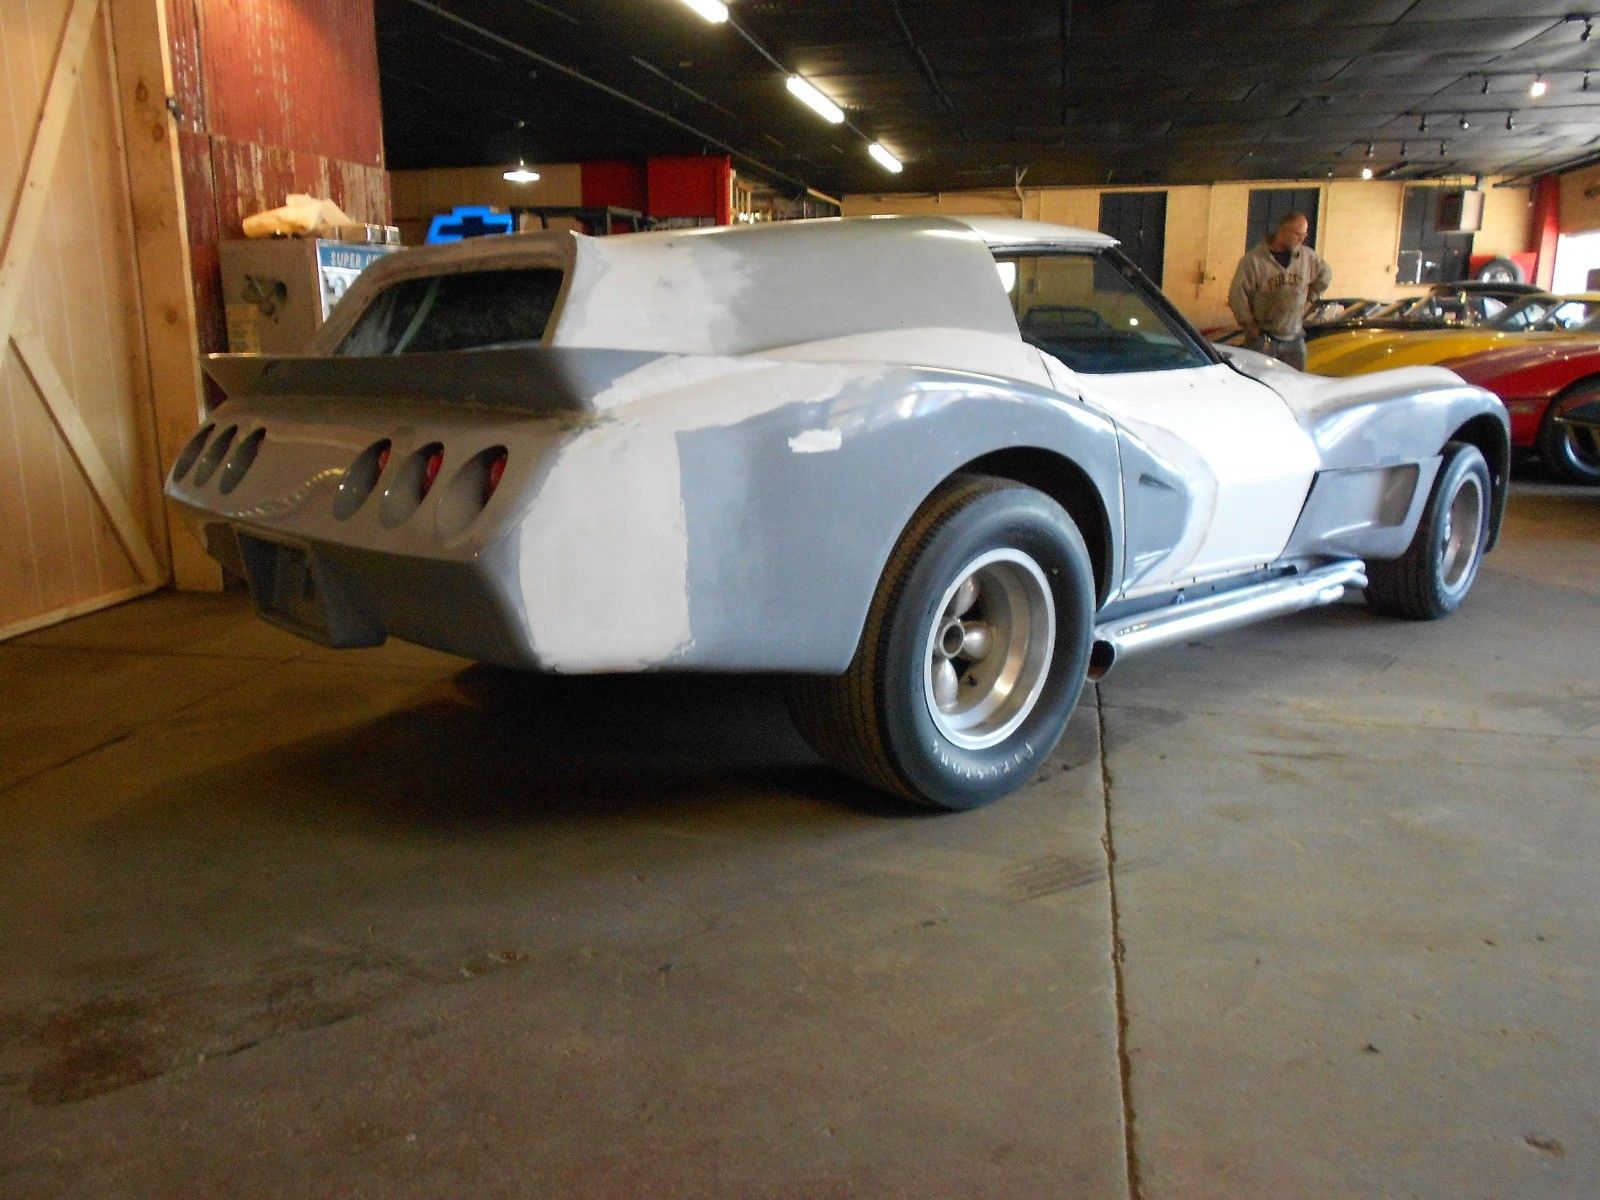 1970 custom Eklers Corvette looks even worse from the rear